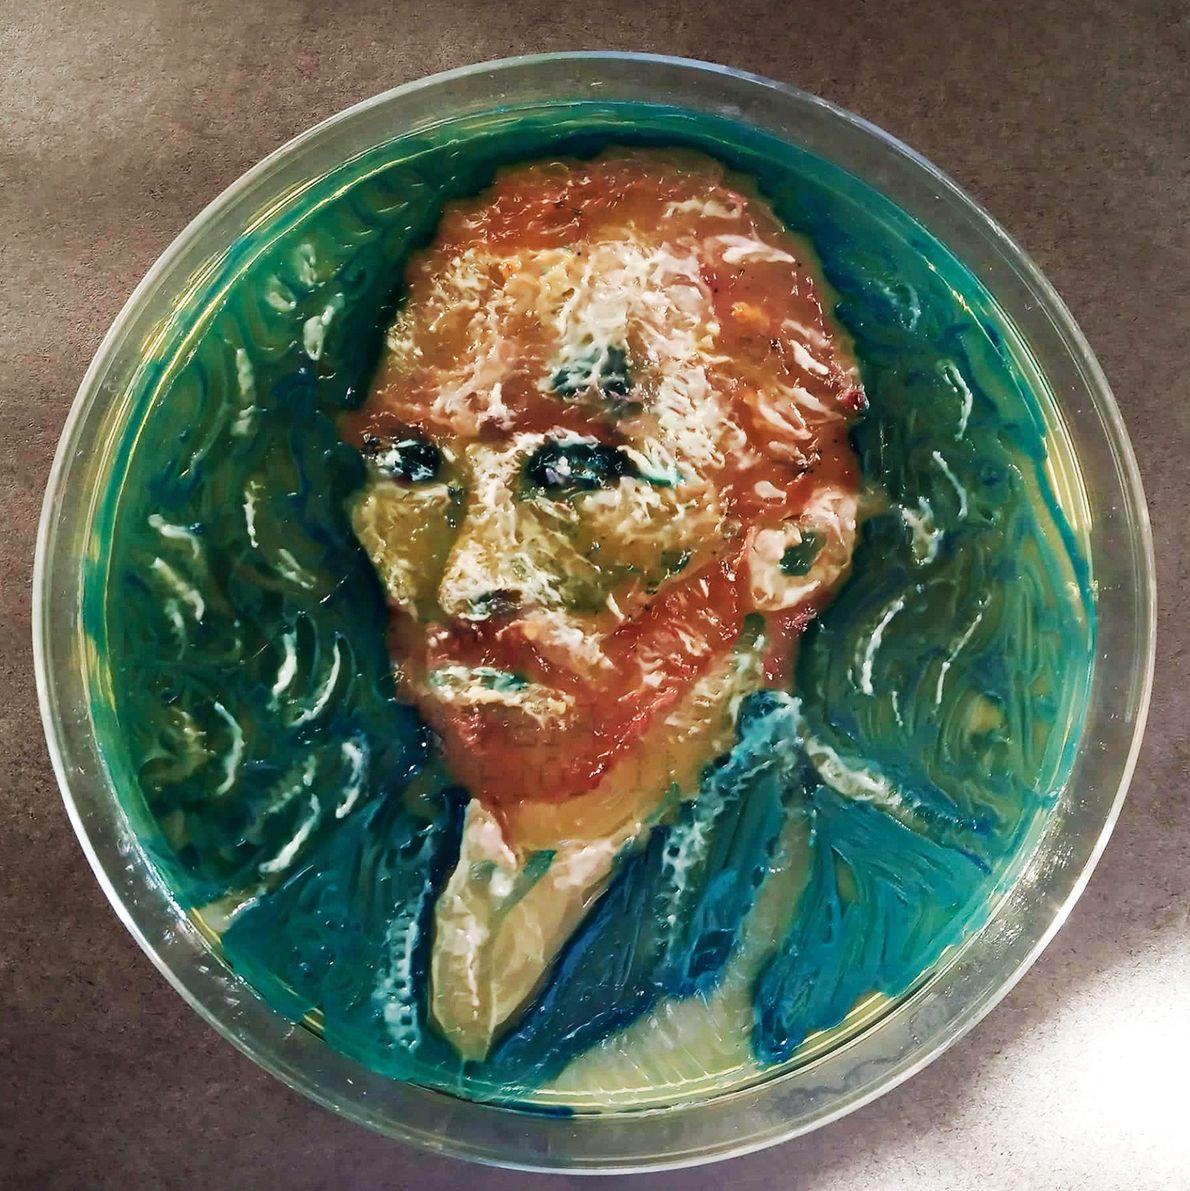 """""""Van Gogh gehört zu meinen Lieblingskünstlern, weil seine Gemälde so viel Licht und Wärme ausstrahlen"""", schrieb ..."""